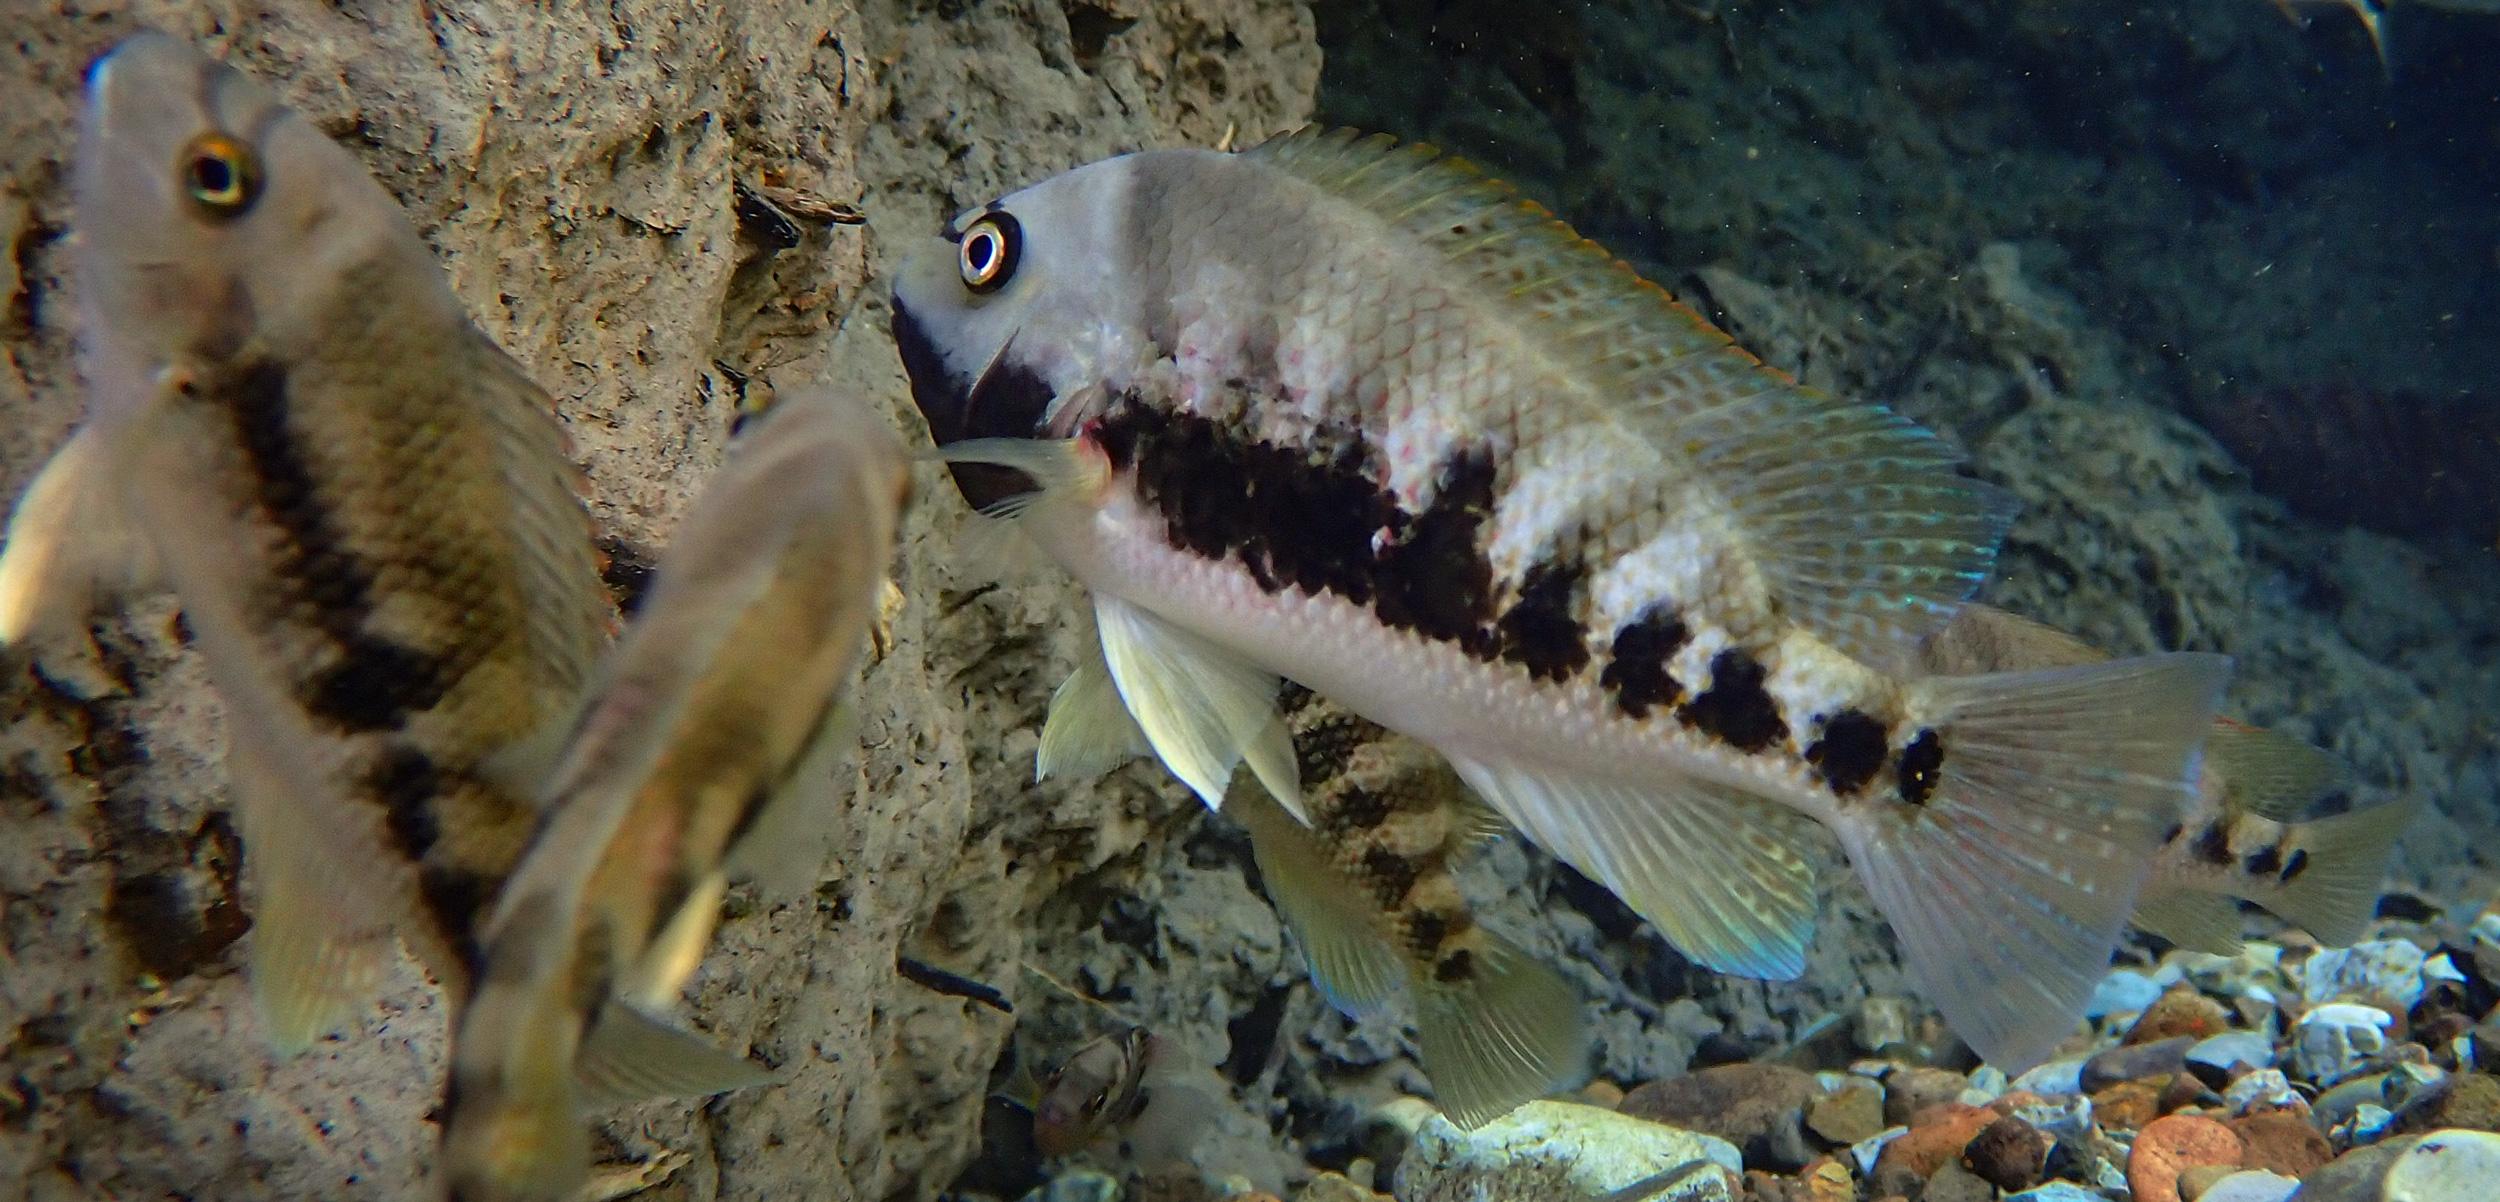 underwater fish in Costa Rica